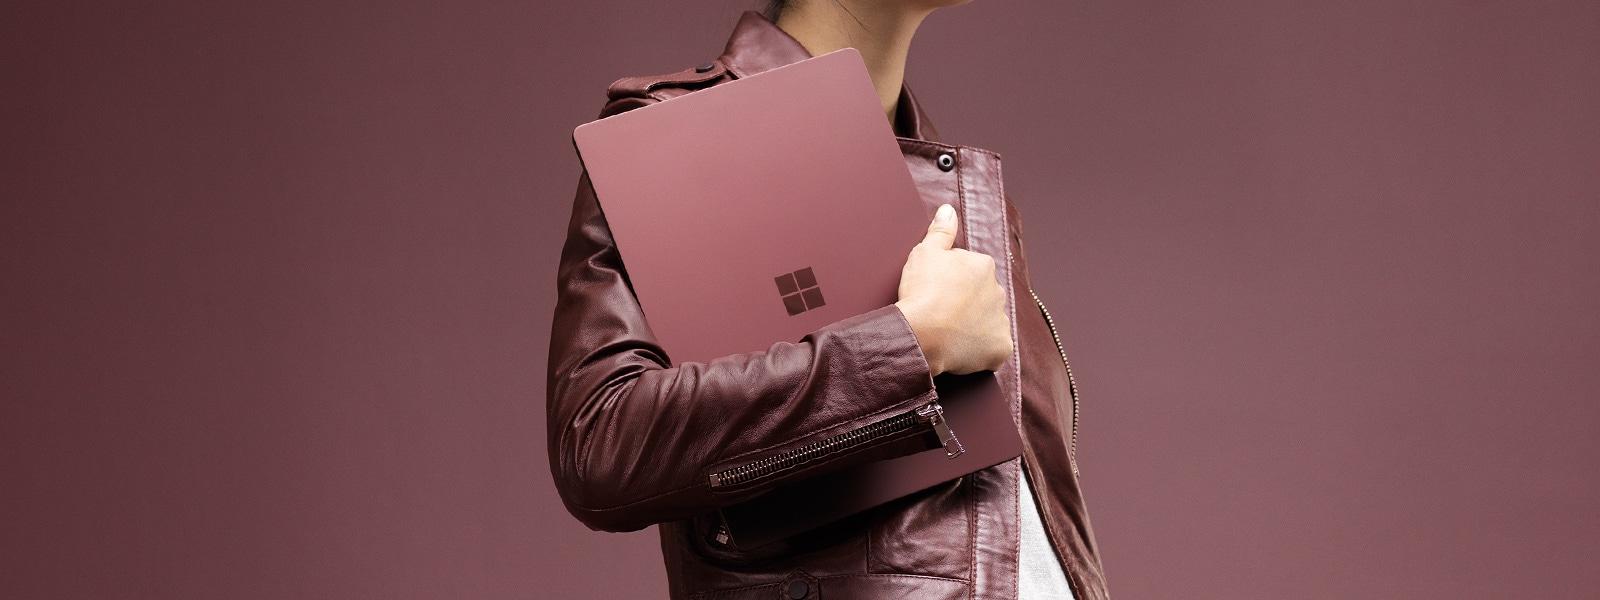 时尚的女士将暗红色 Surface Laptop 握在胸前